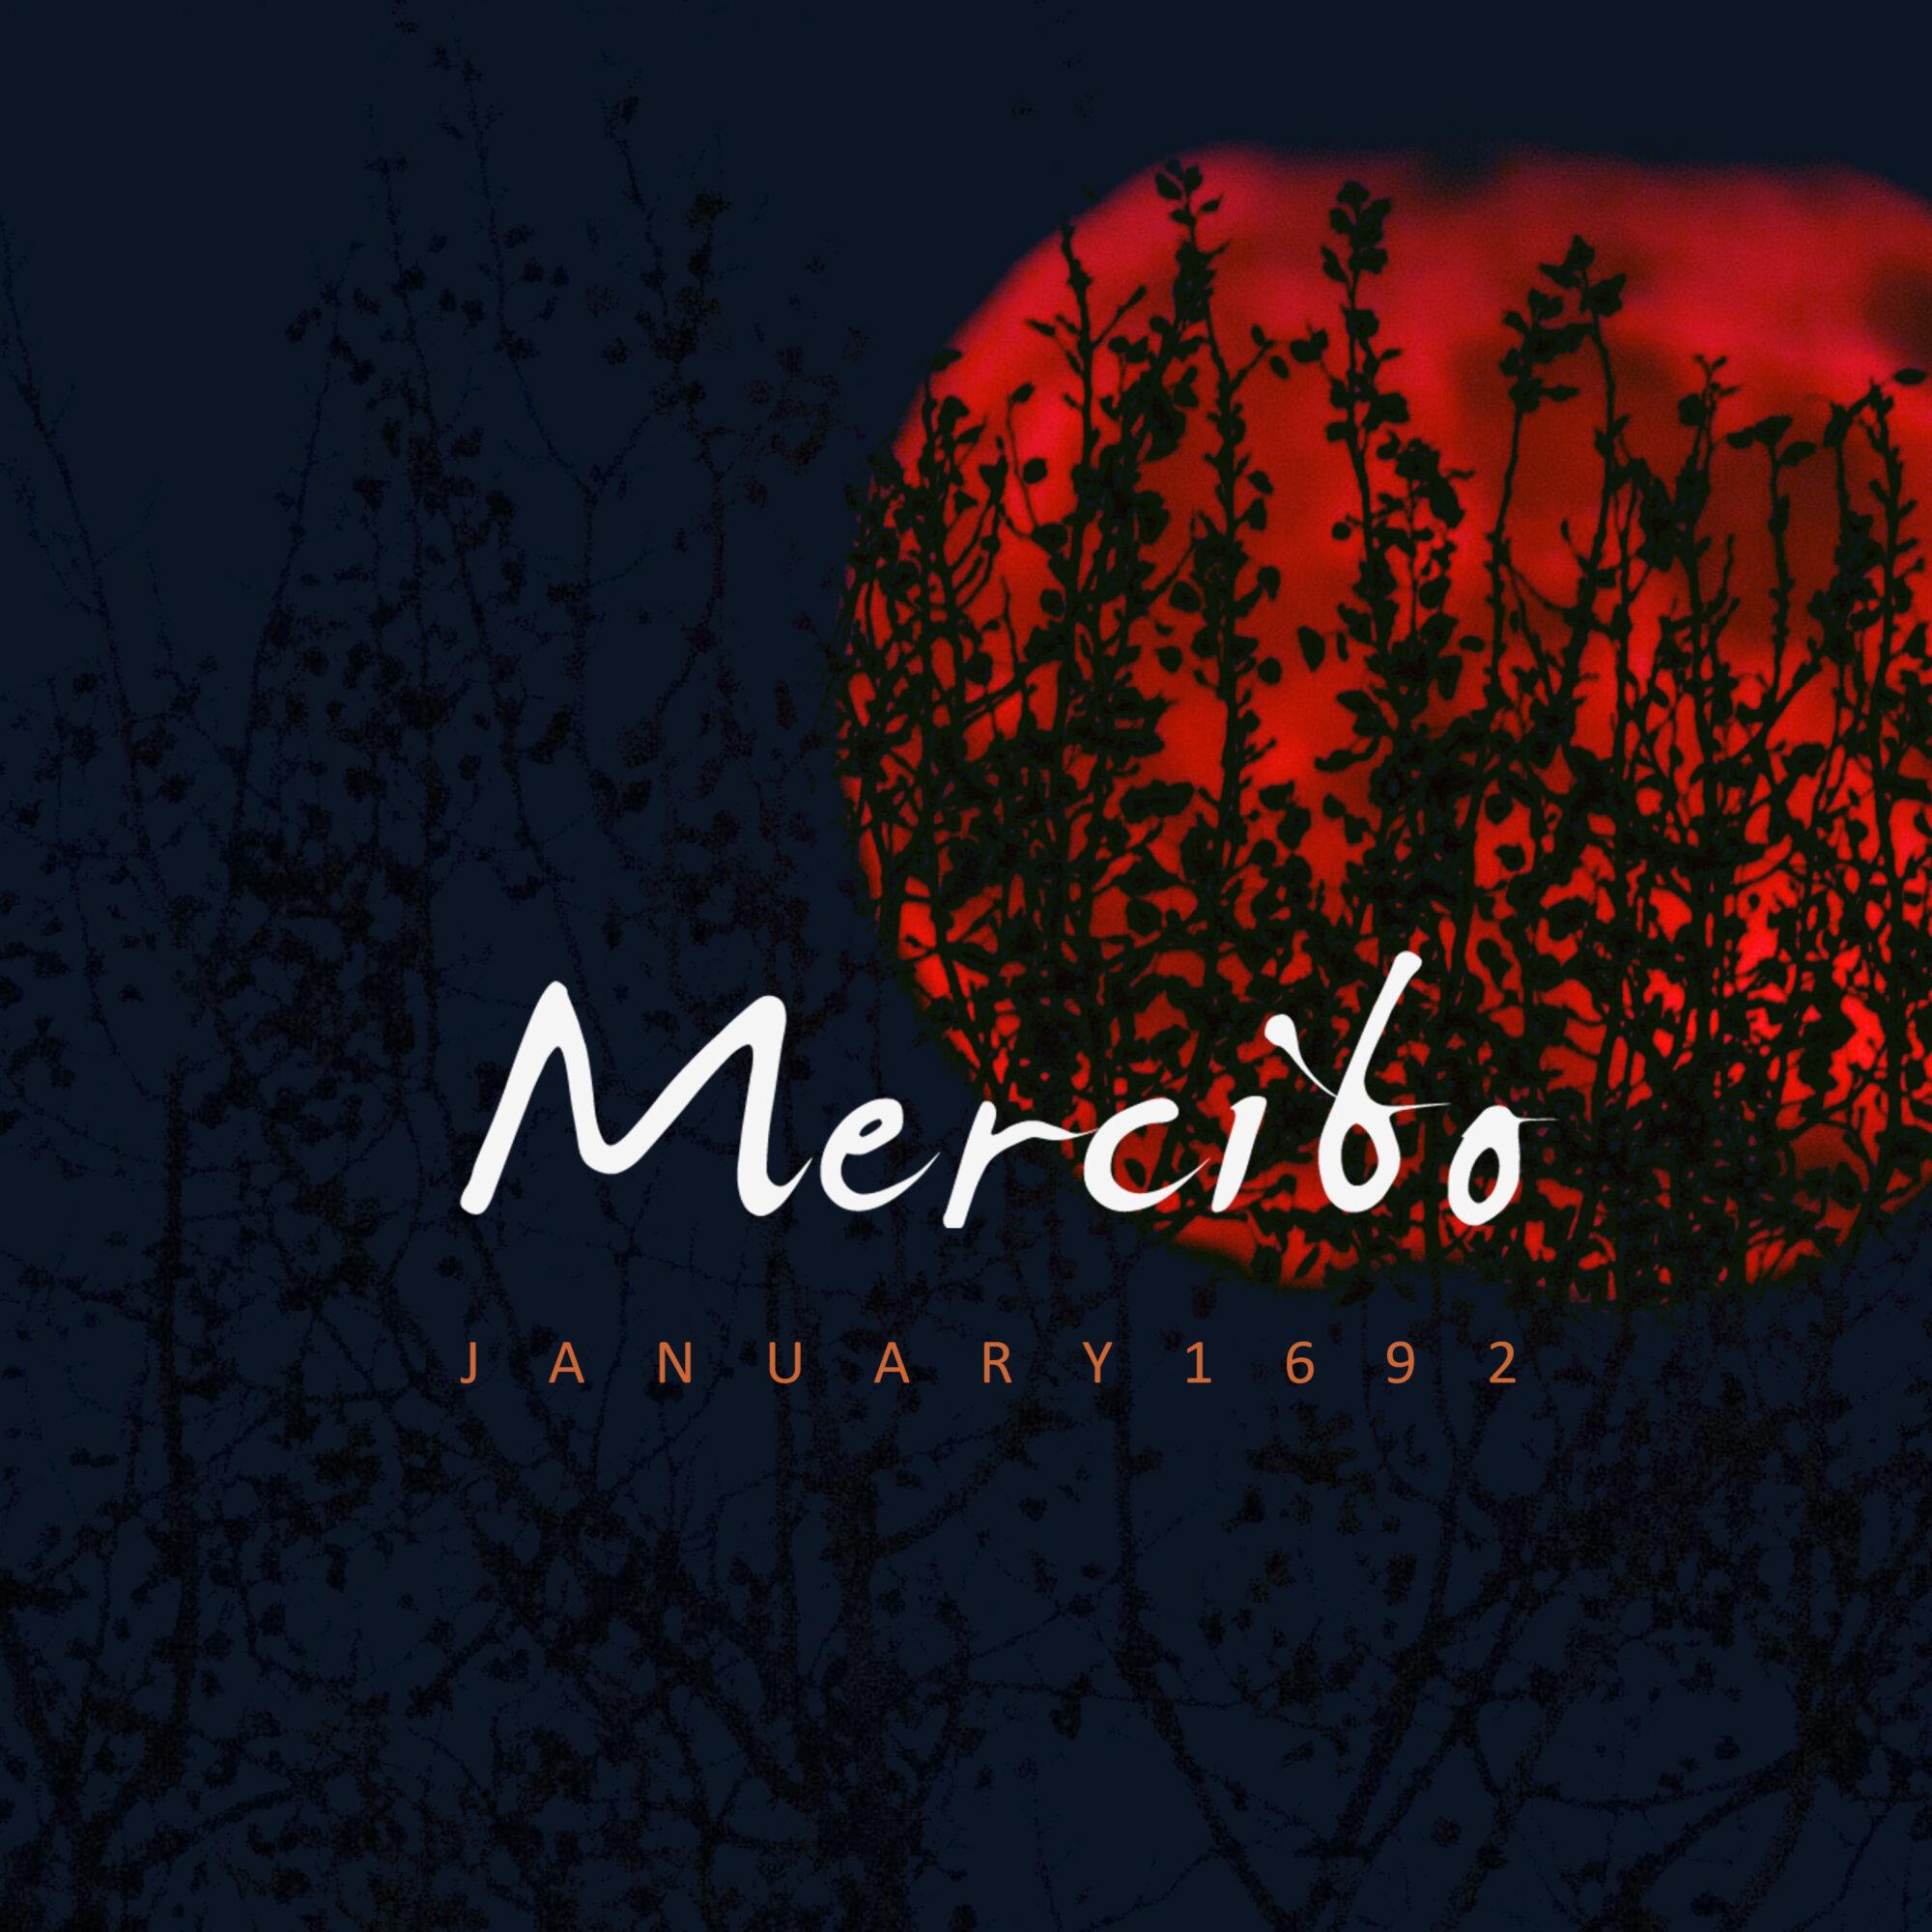 MERCIBO / 1629